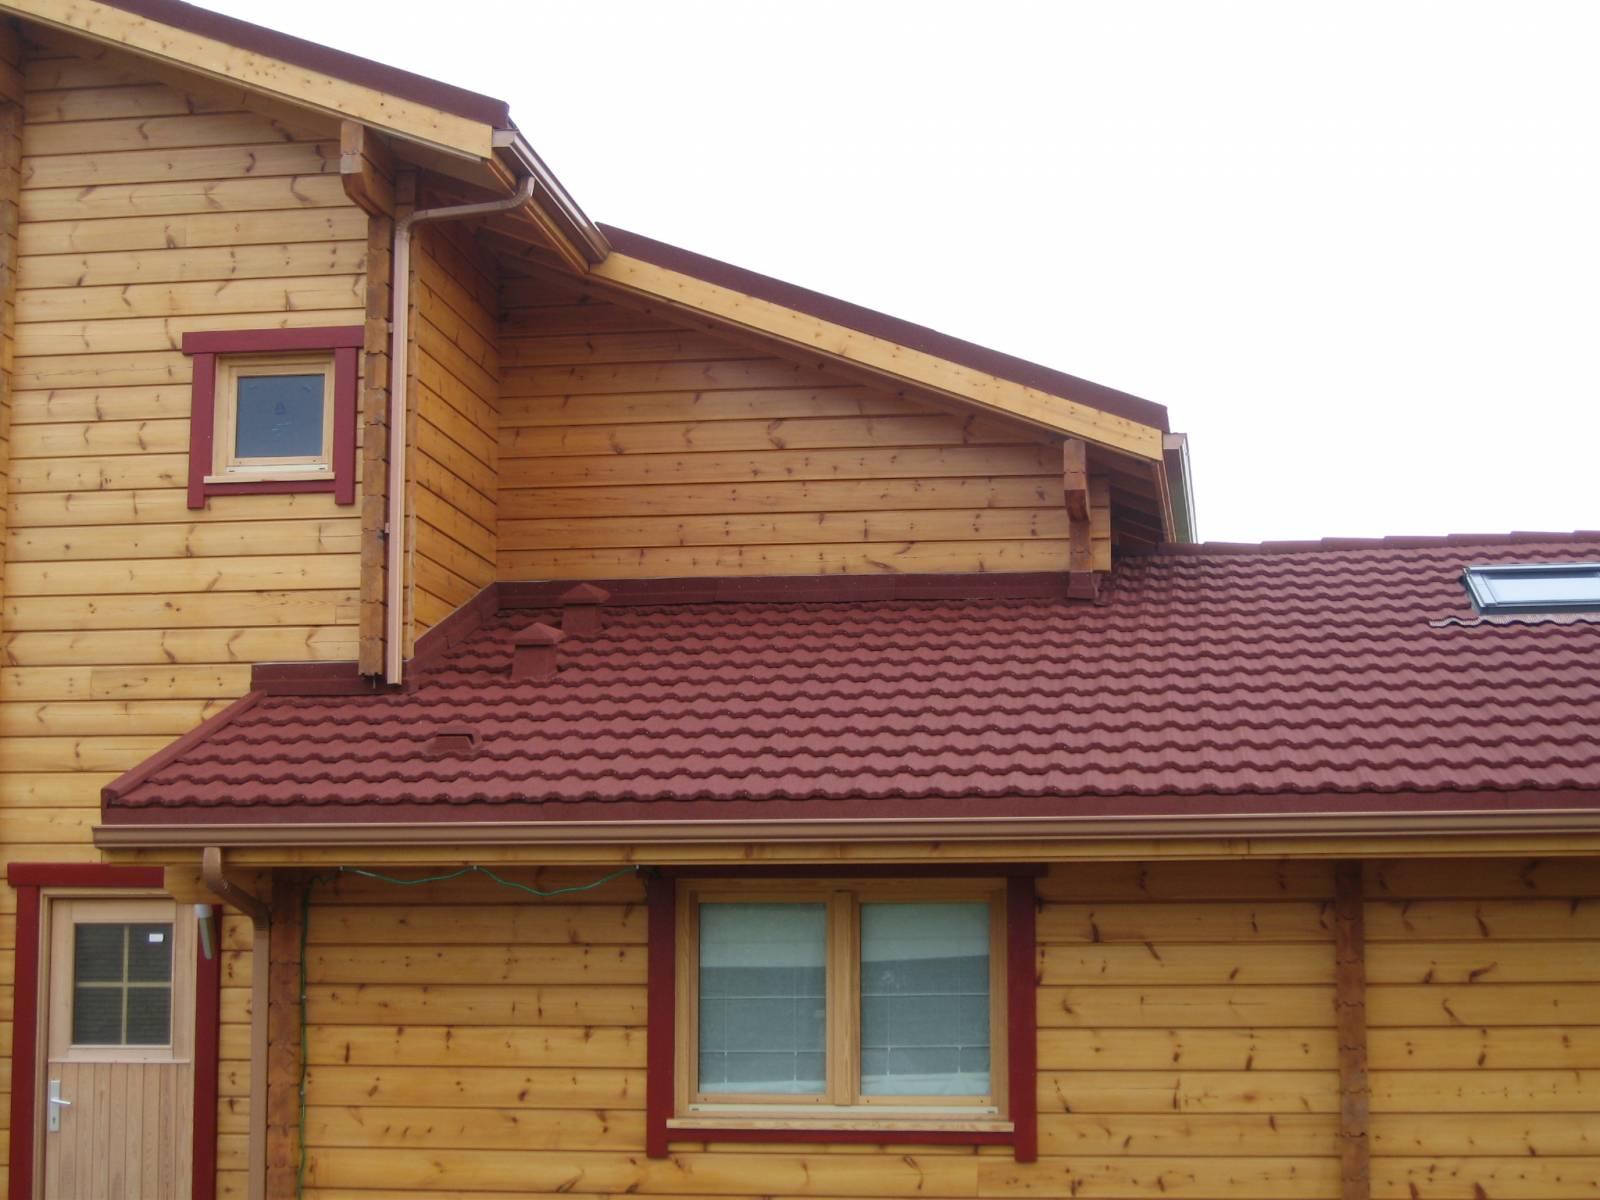 Toitures de maison bois en tuiles GERARD à Nouvelle Eglise 62370 - Fabrication & livraison de ...